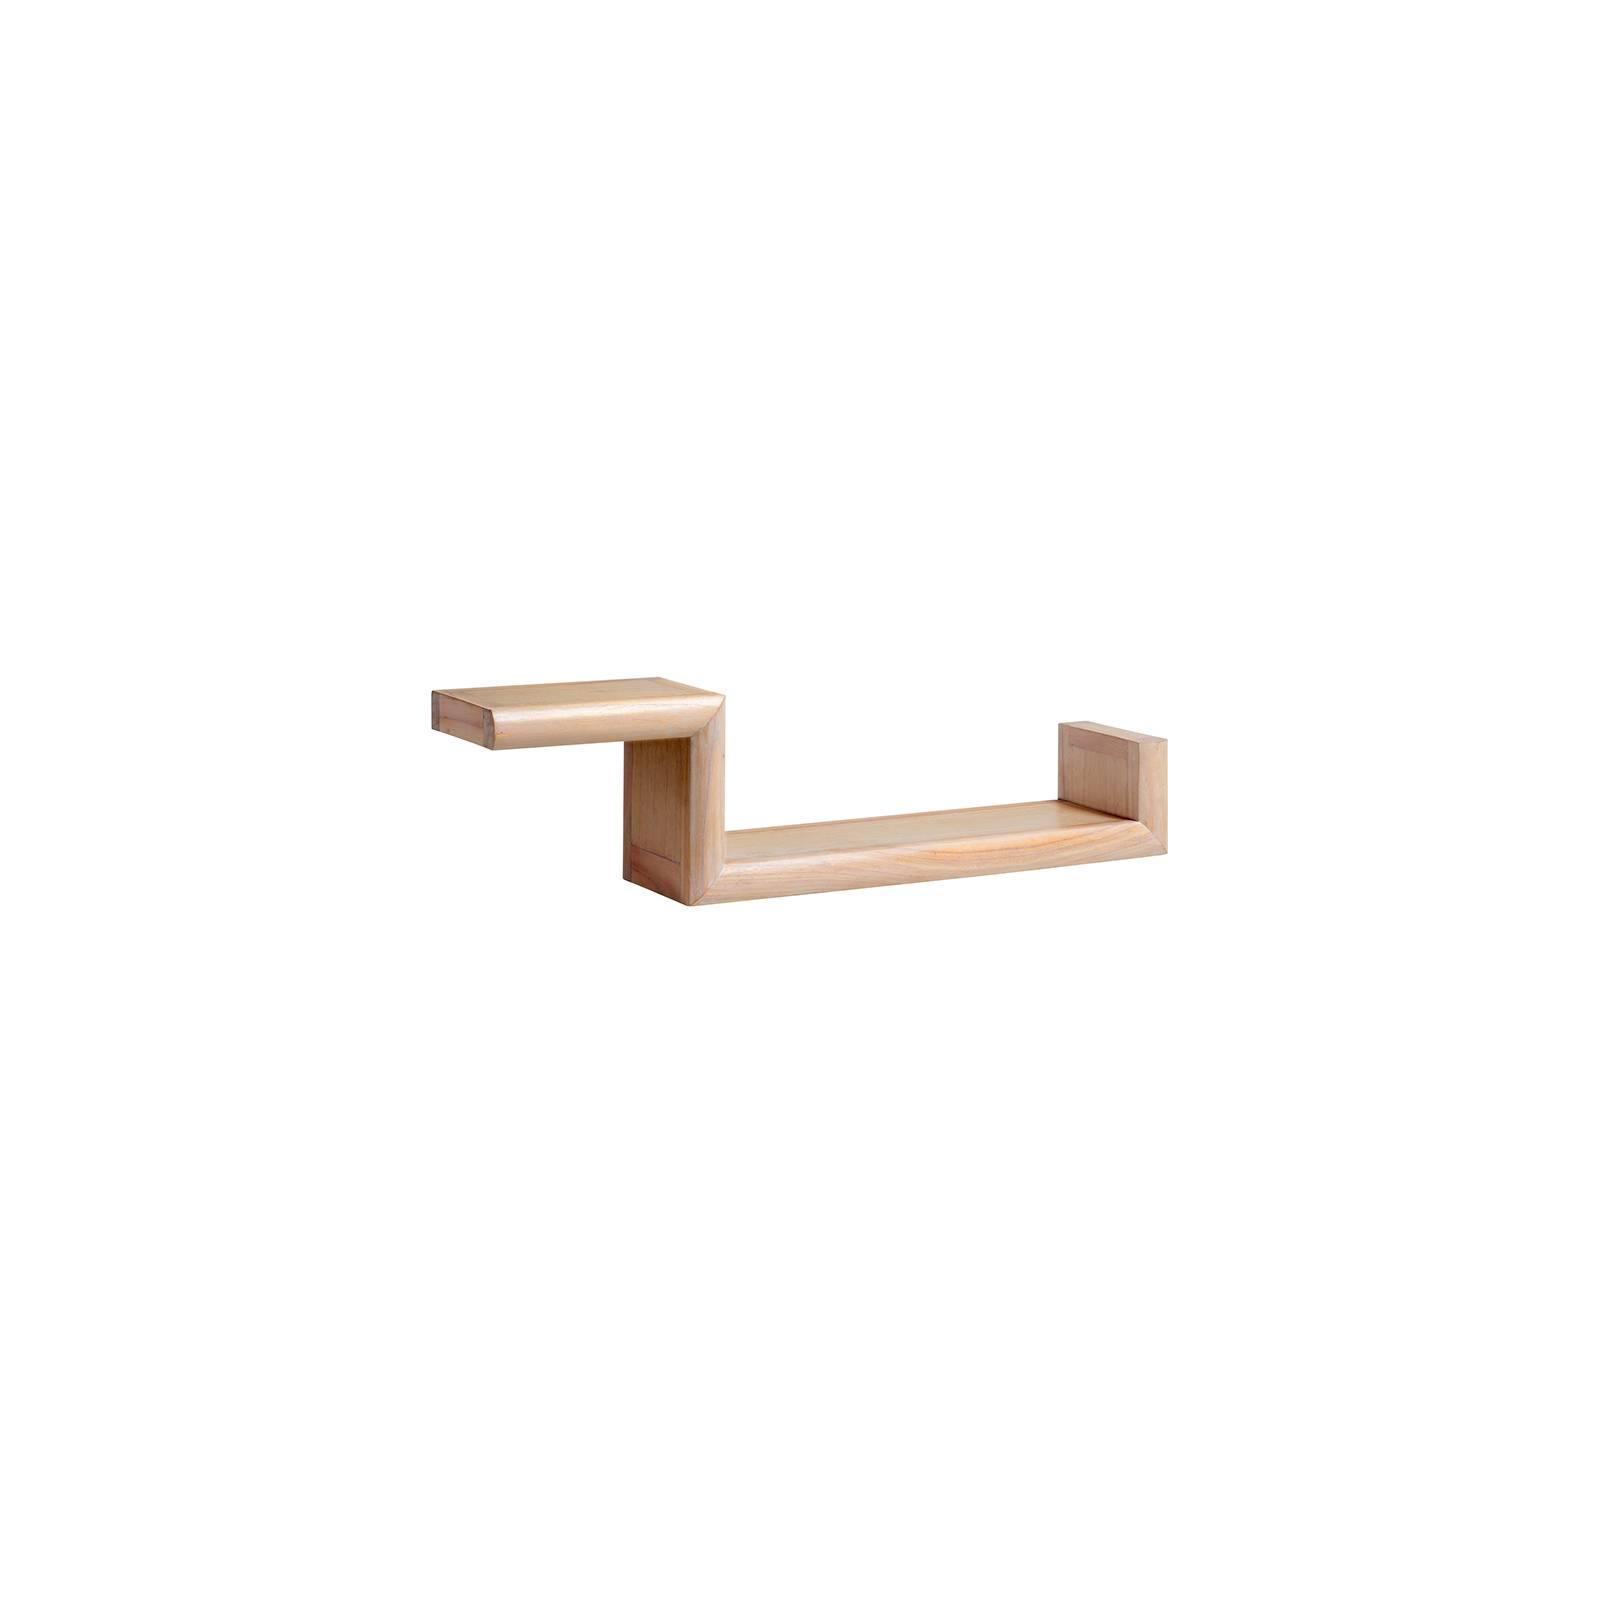 Étagère Zig Zag Oslo Mindy - meubles scandinaves